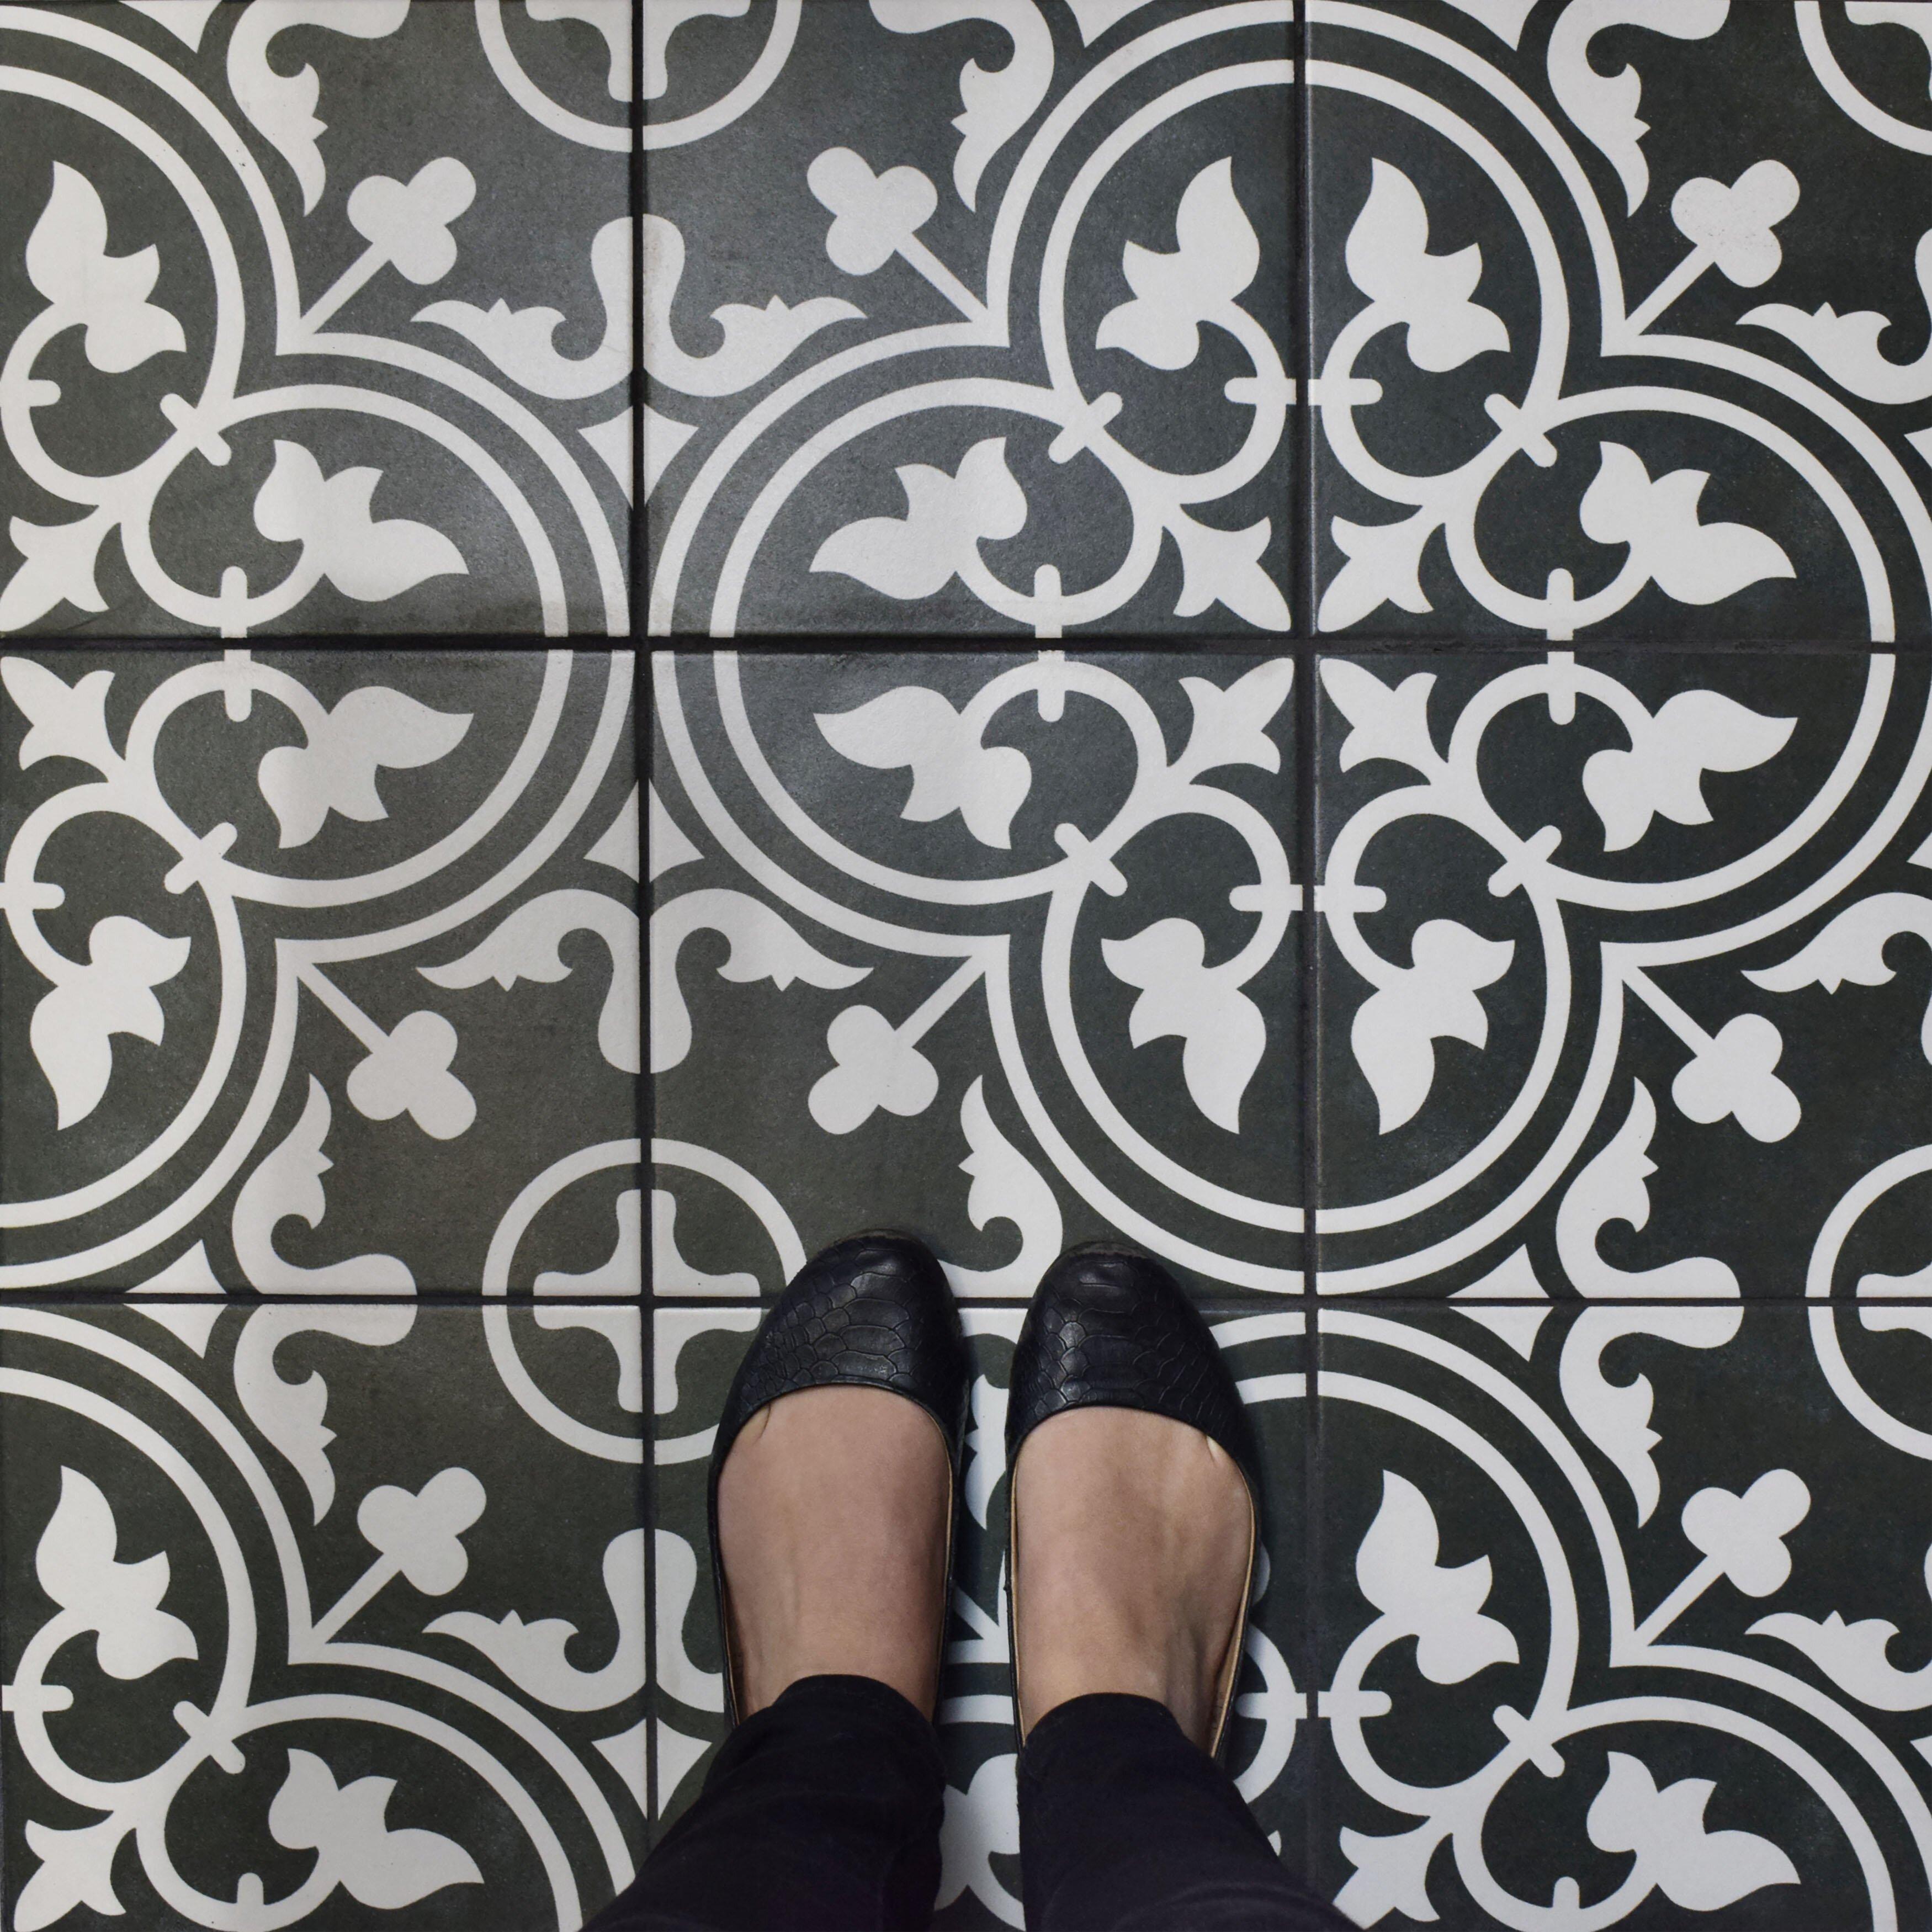 Elitetile Artea 9 5 Quot X 9 5 Quot Porcelain Field Tile In Black